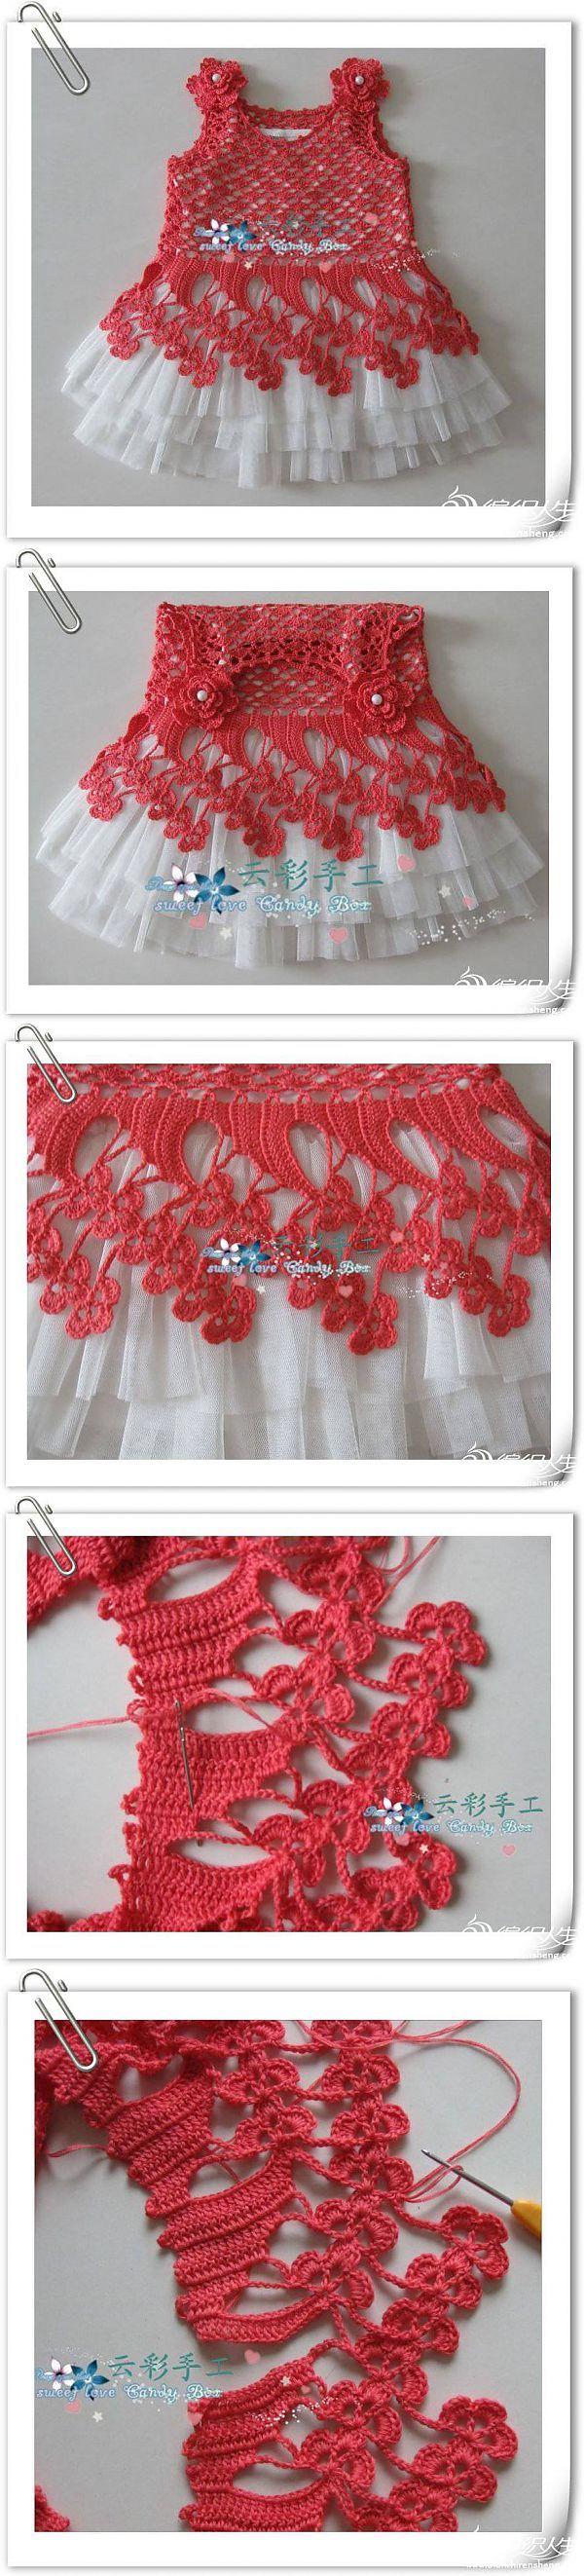 Платьице для девочки с цветочными лучами. | Вязание крючок детям | Постила